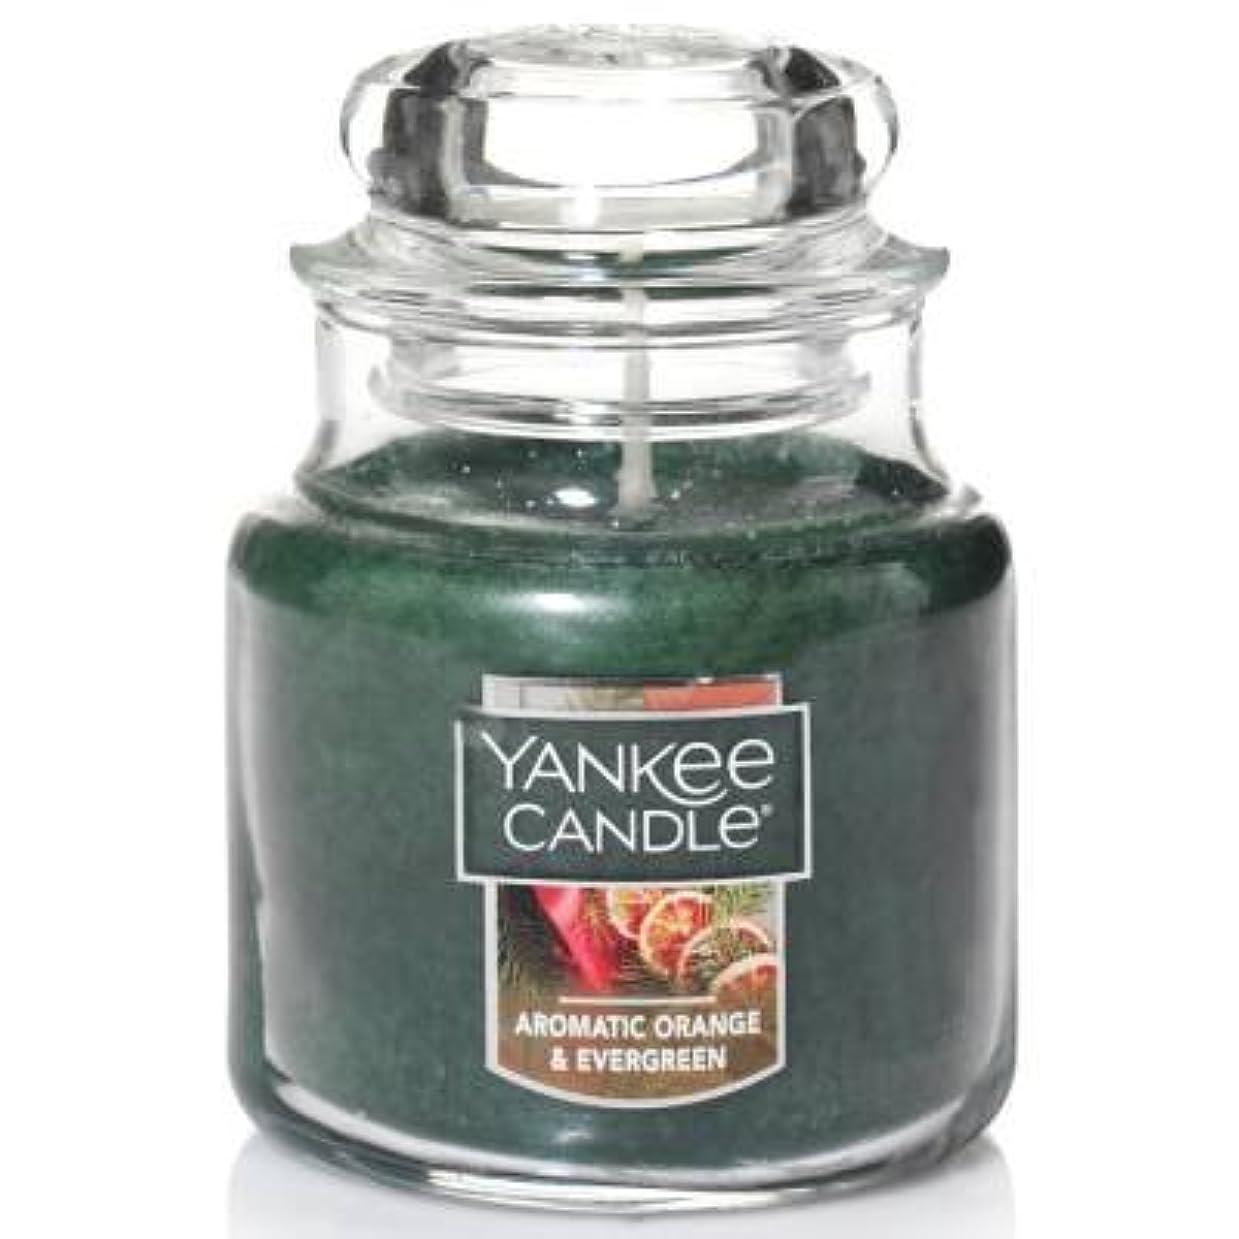 地図救援人道的Yankee Candle Aromaticオレンジ& Evergreen Small Jar Candle